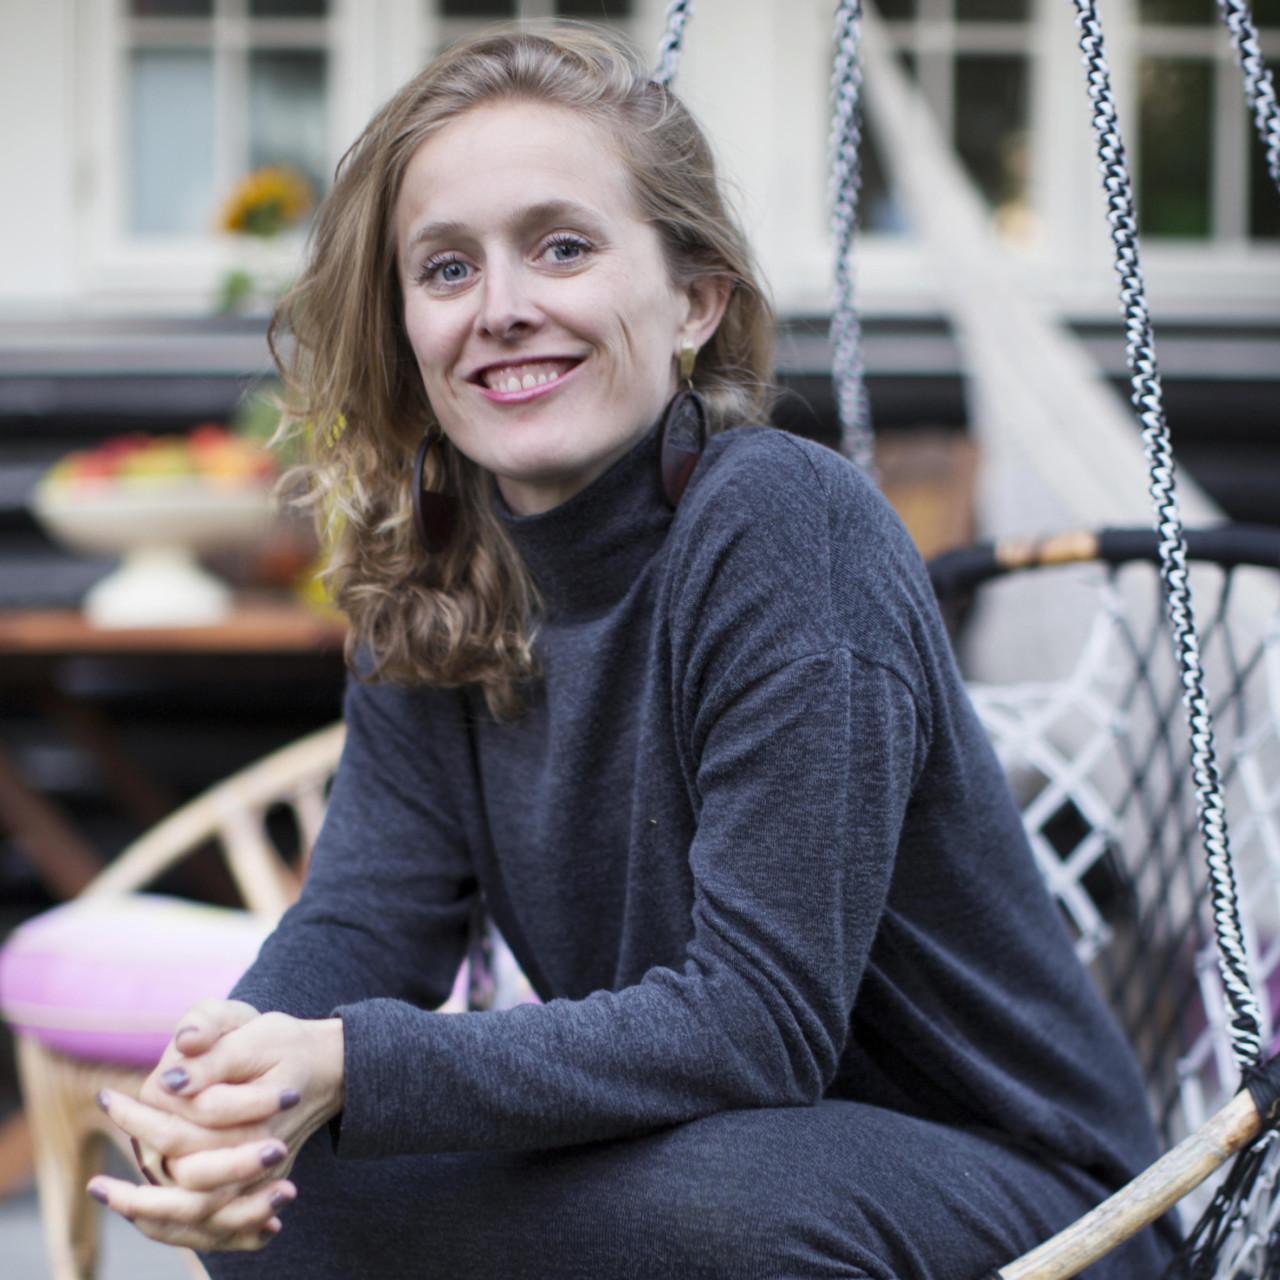 karen-gjermundsrod-journalist-fotograf-bidragsyter-green-house